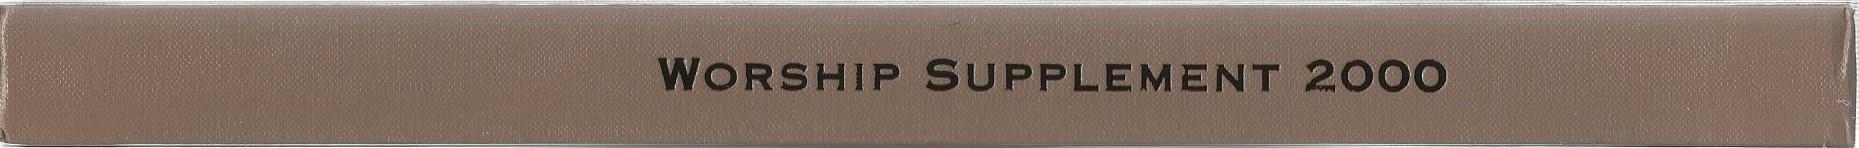 Worship Supplement 2000 Spine